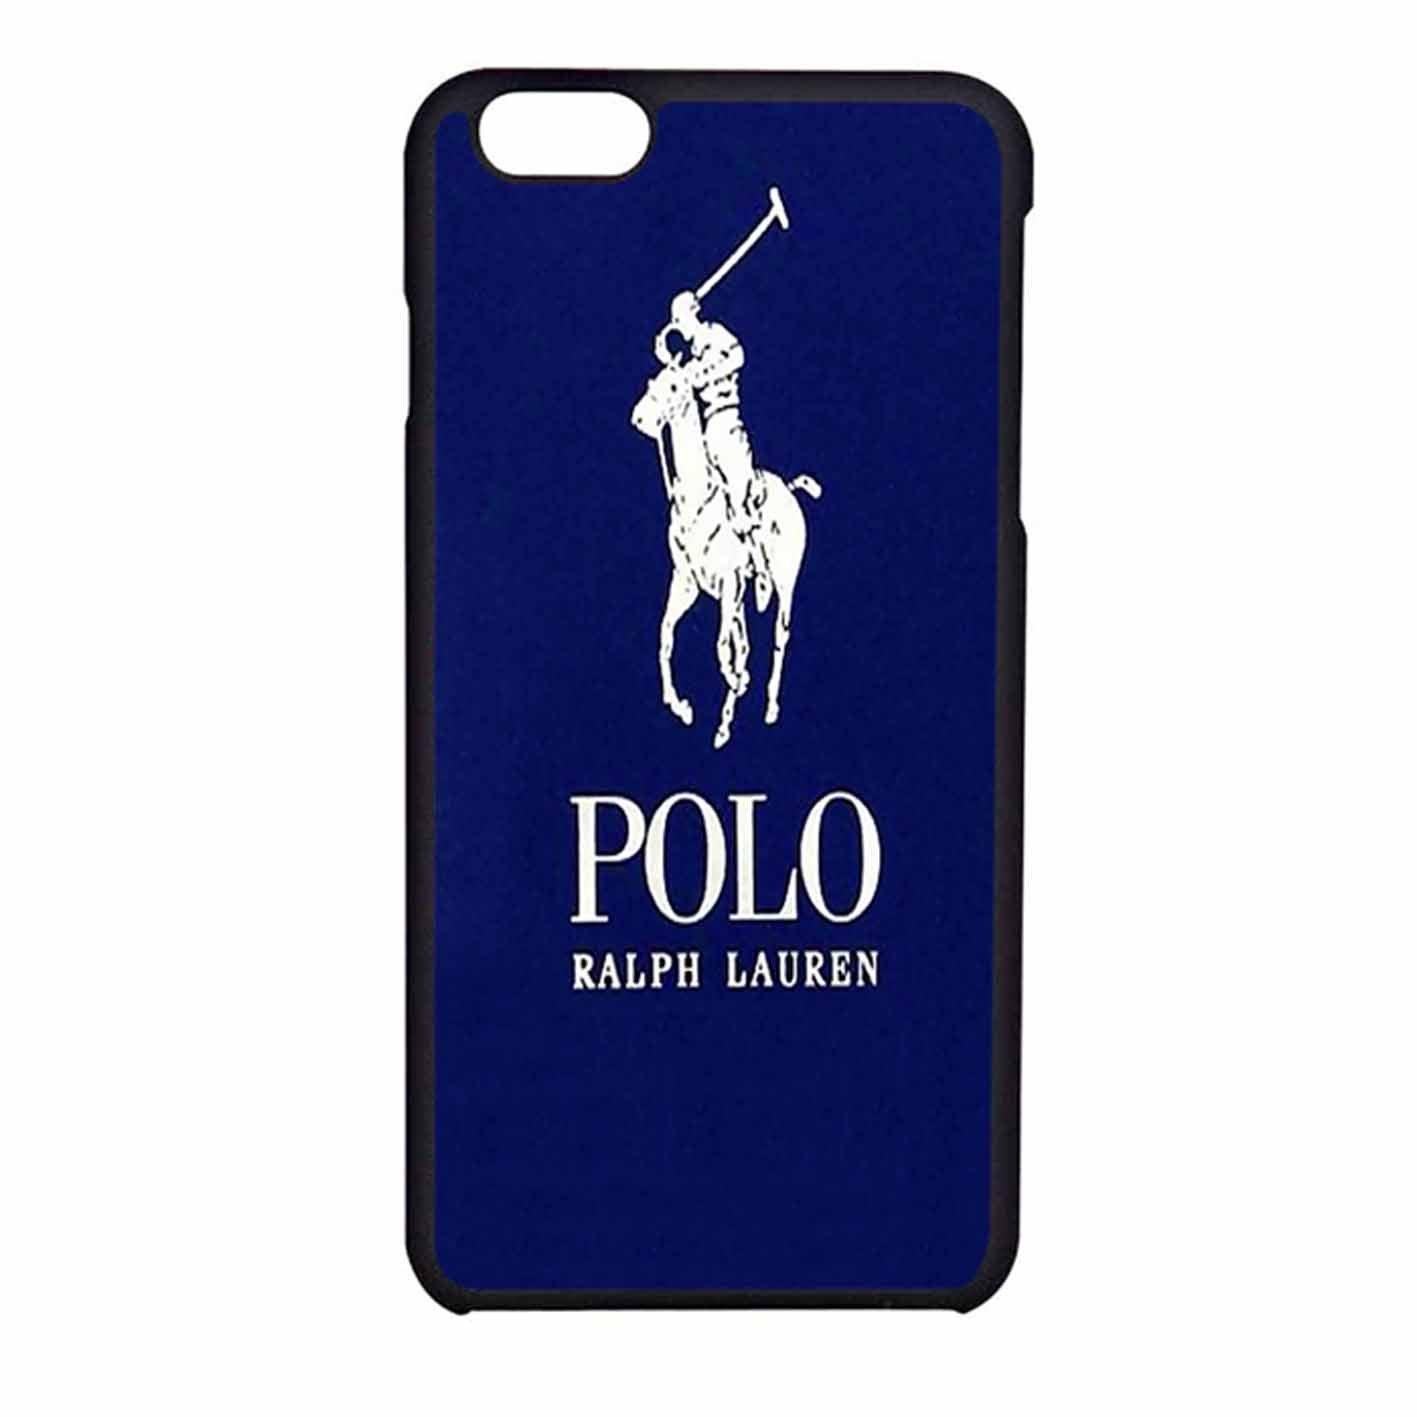 ralph lauren phone case iphone 6